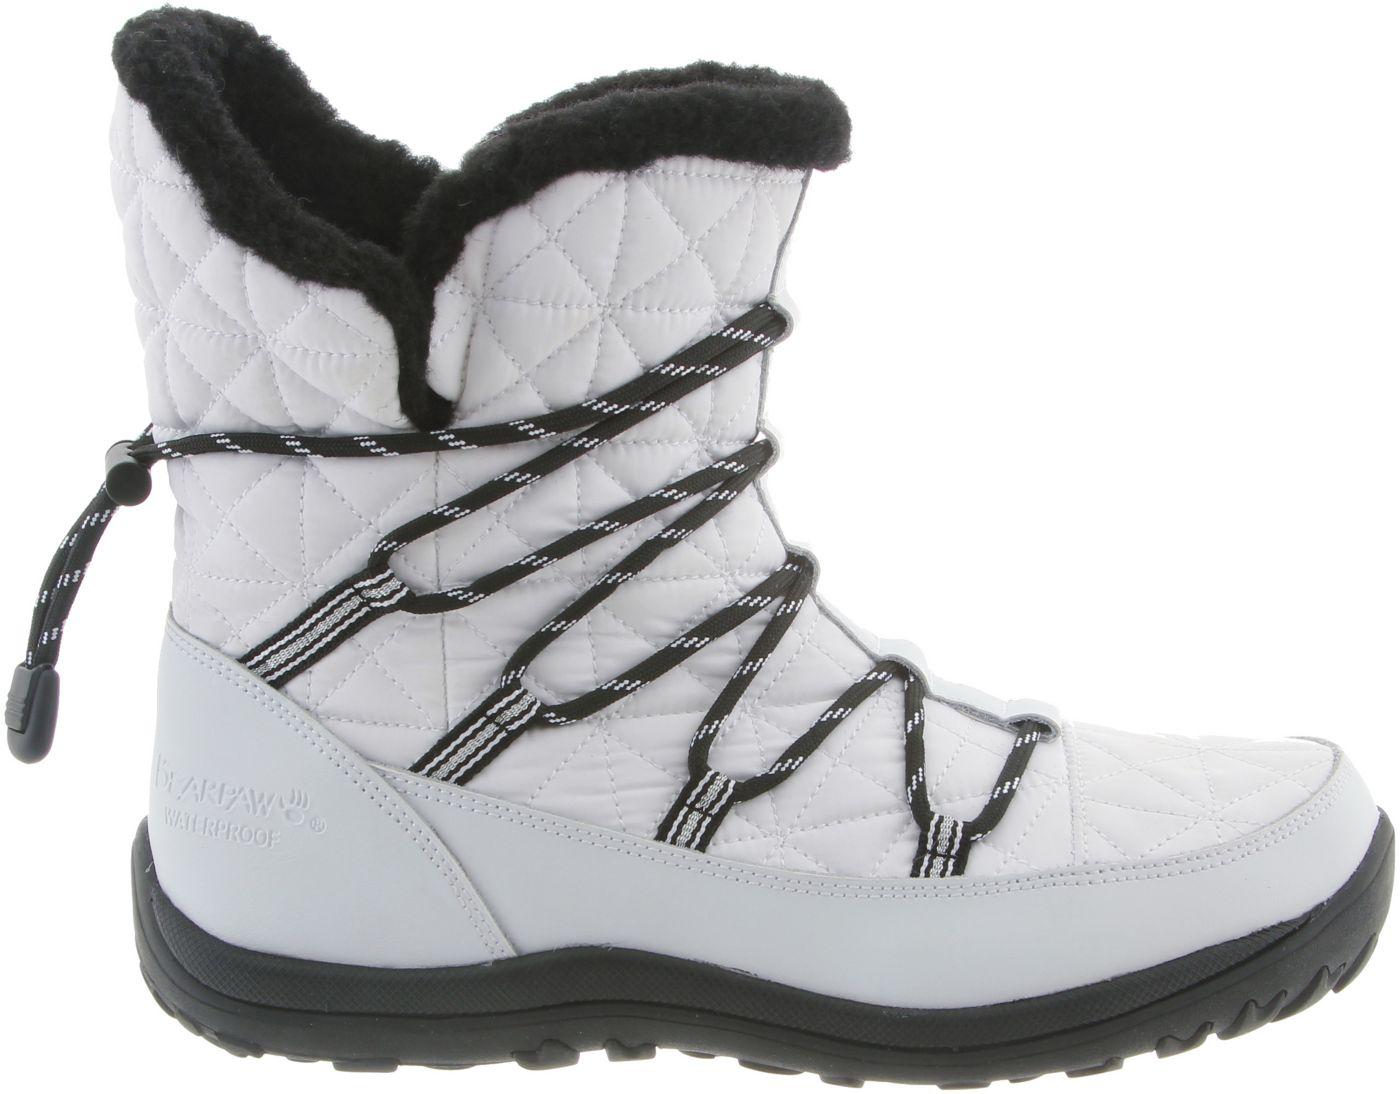 BEARPAW Women's Celine Waterproof Winter Boots